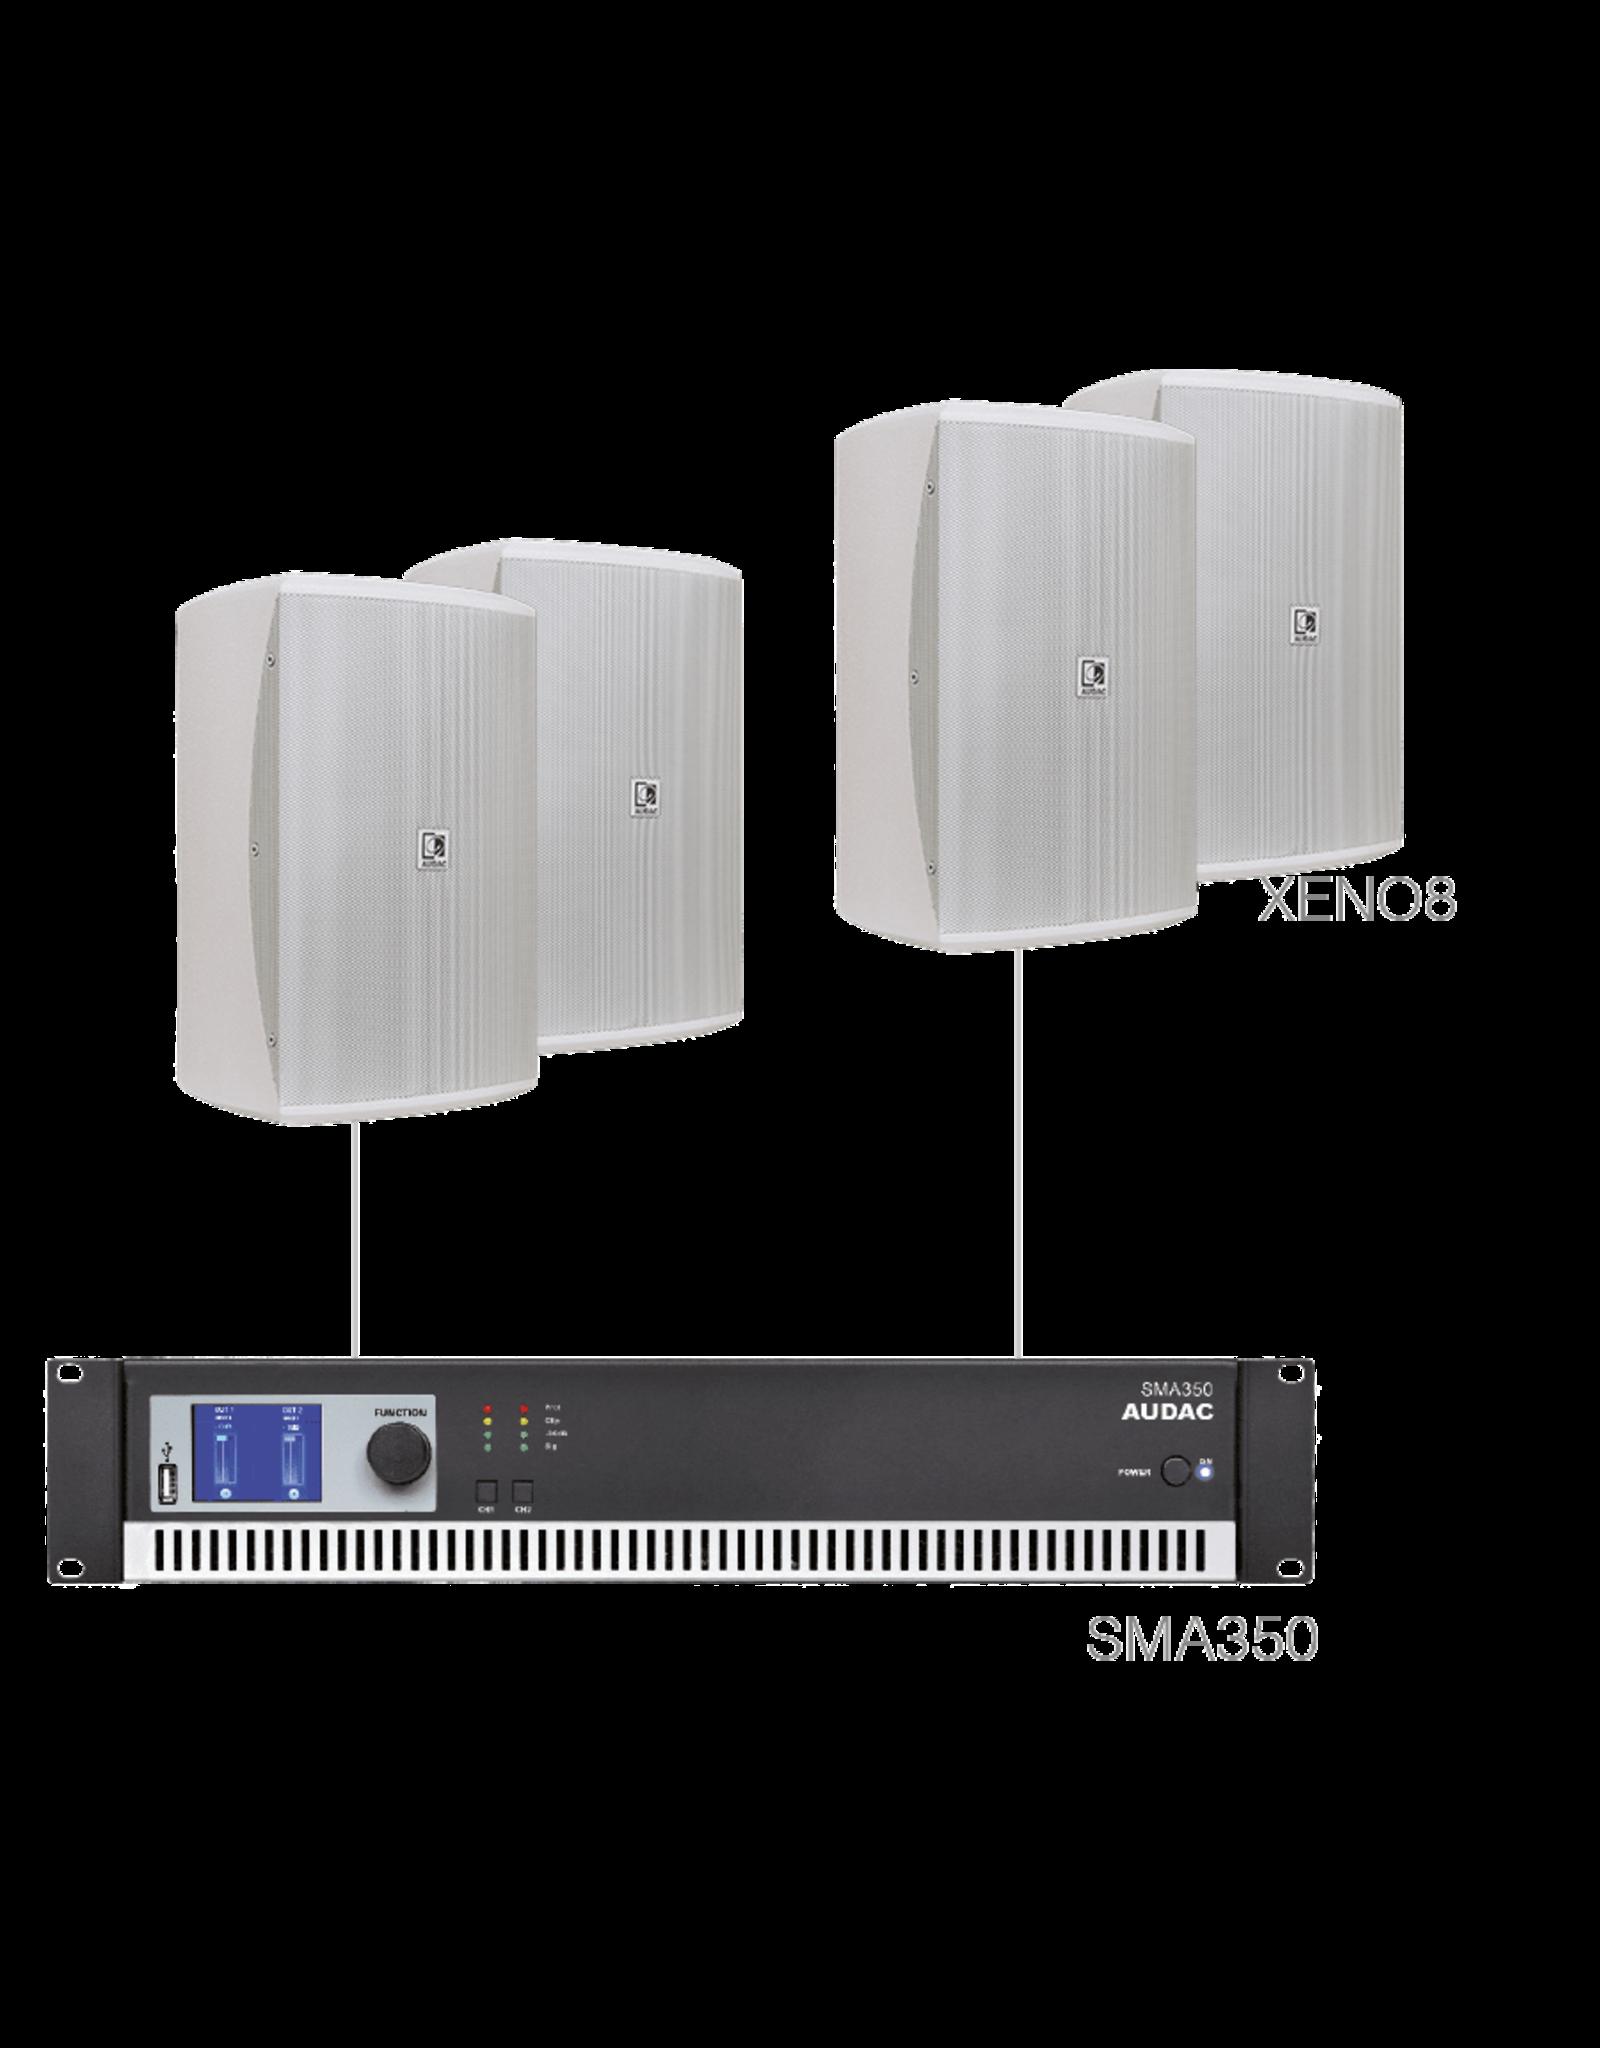 Audac 4 x XENO8 + SMA350 White version